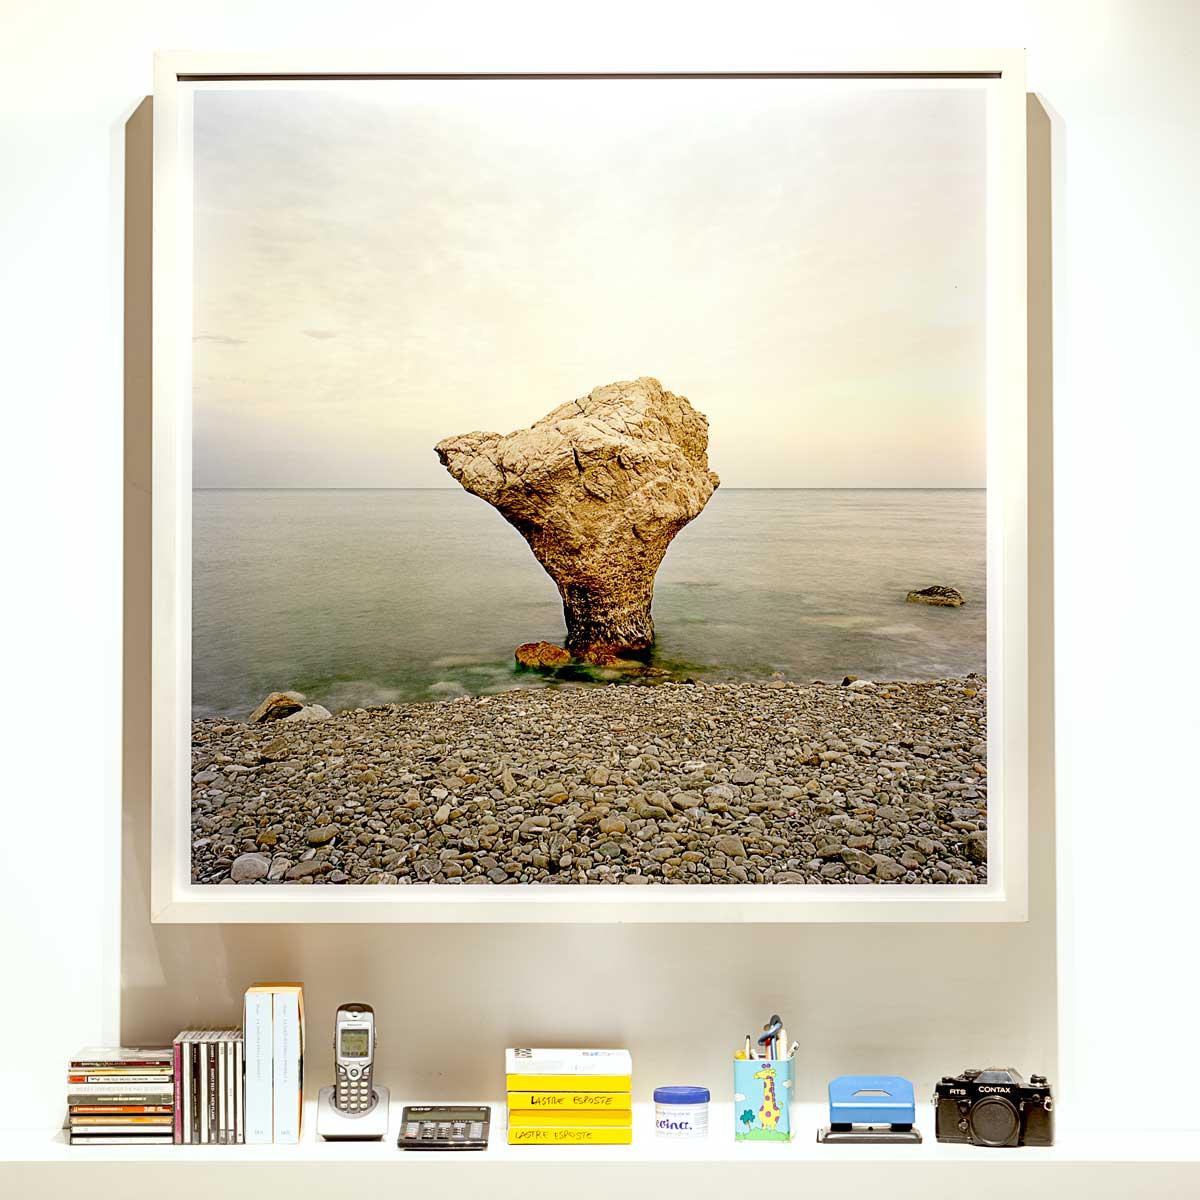 Roseto Capo Spulico, Scoglio Incudine - Fotografia Fine Art di Luca Tamagnini - Formato 100 x 100 cm - Catalogo 2017-013